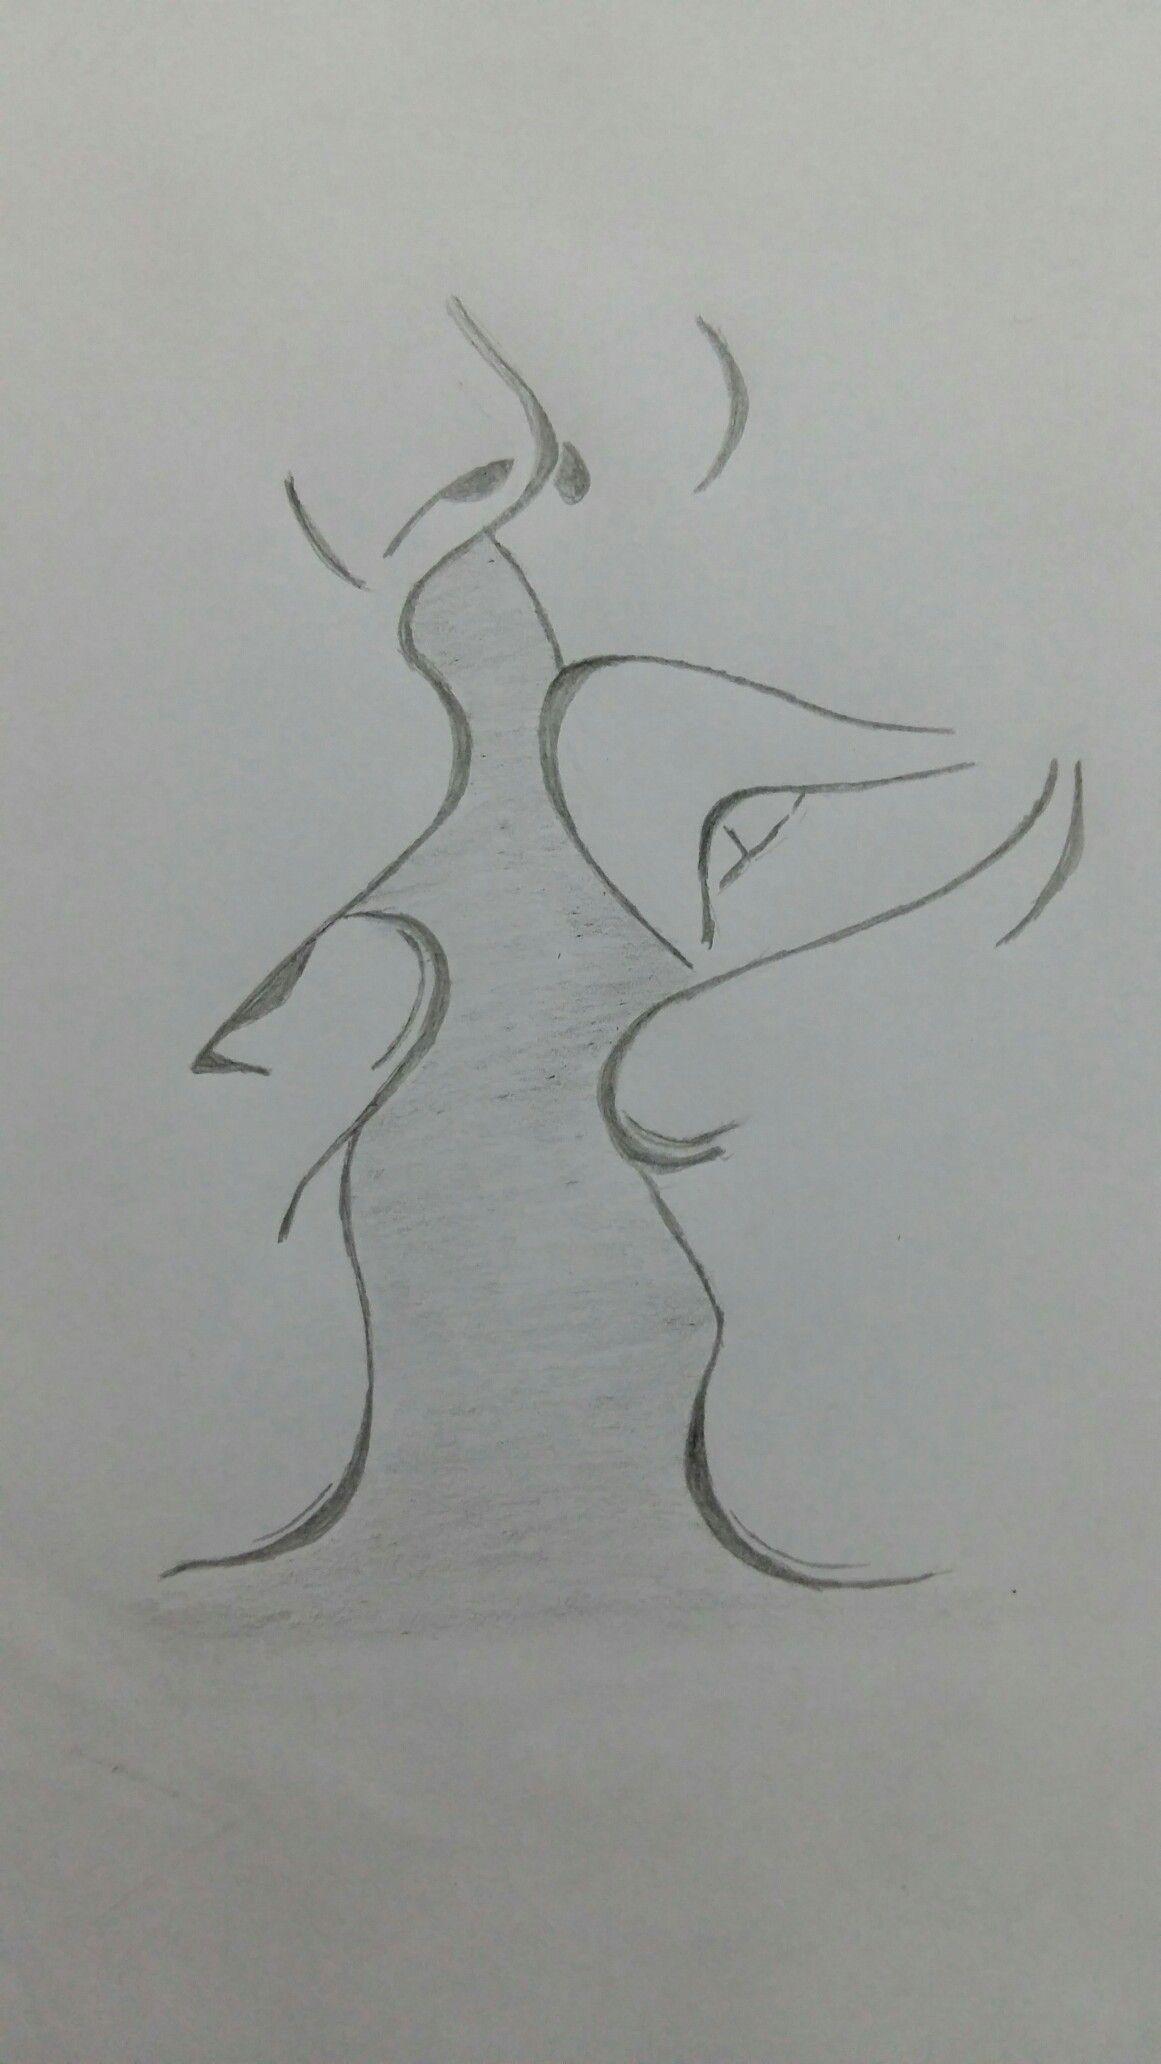 Pencil drawing selftaught pencildraw pencilsketch pencil